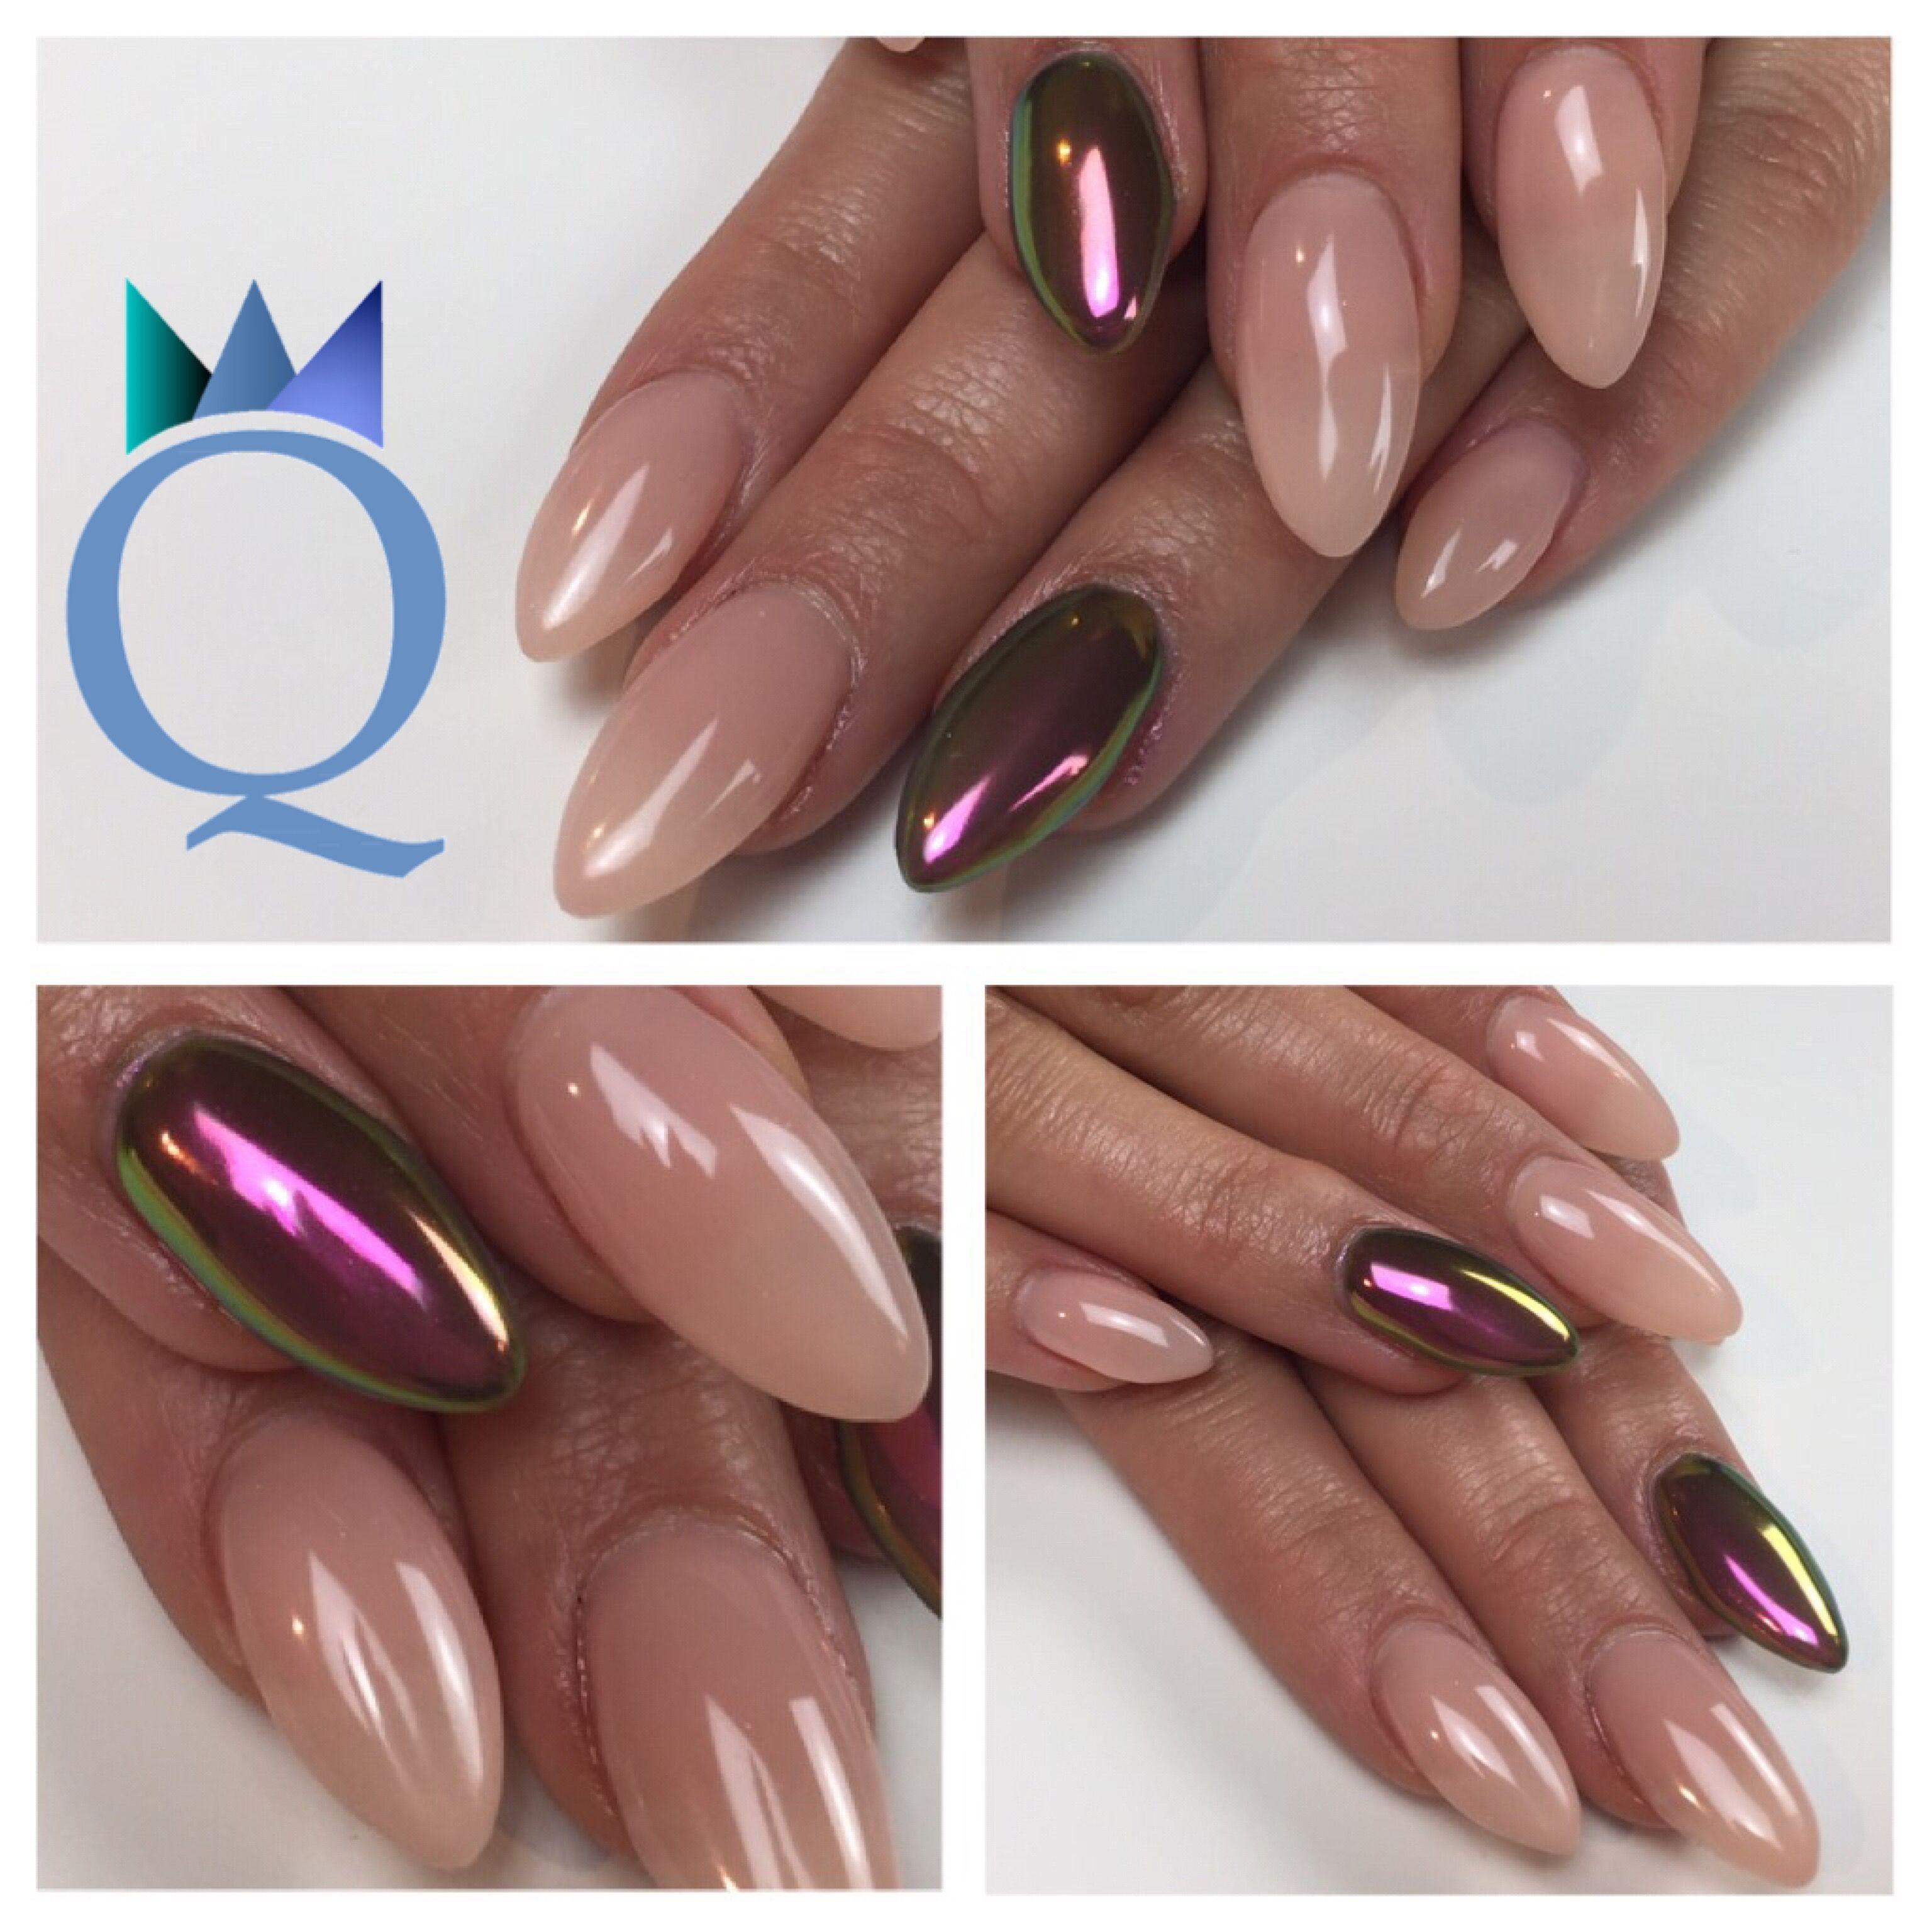 almondshape #gelnails #nails #nudenails #chameleon #chrome ...